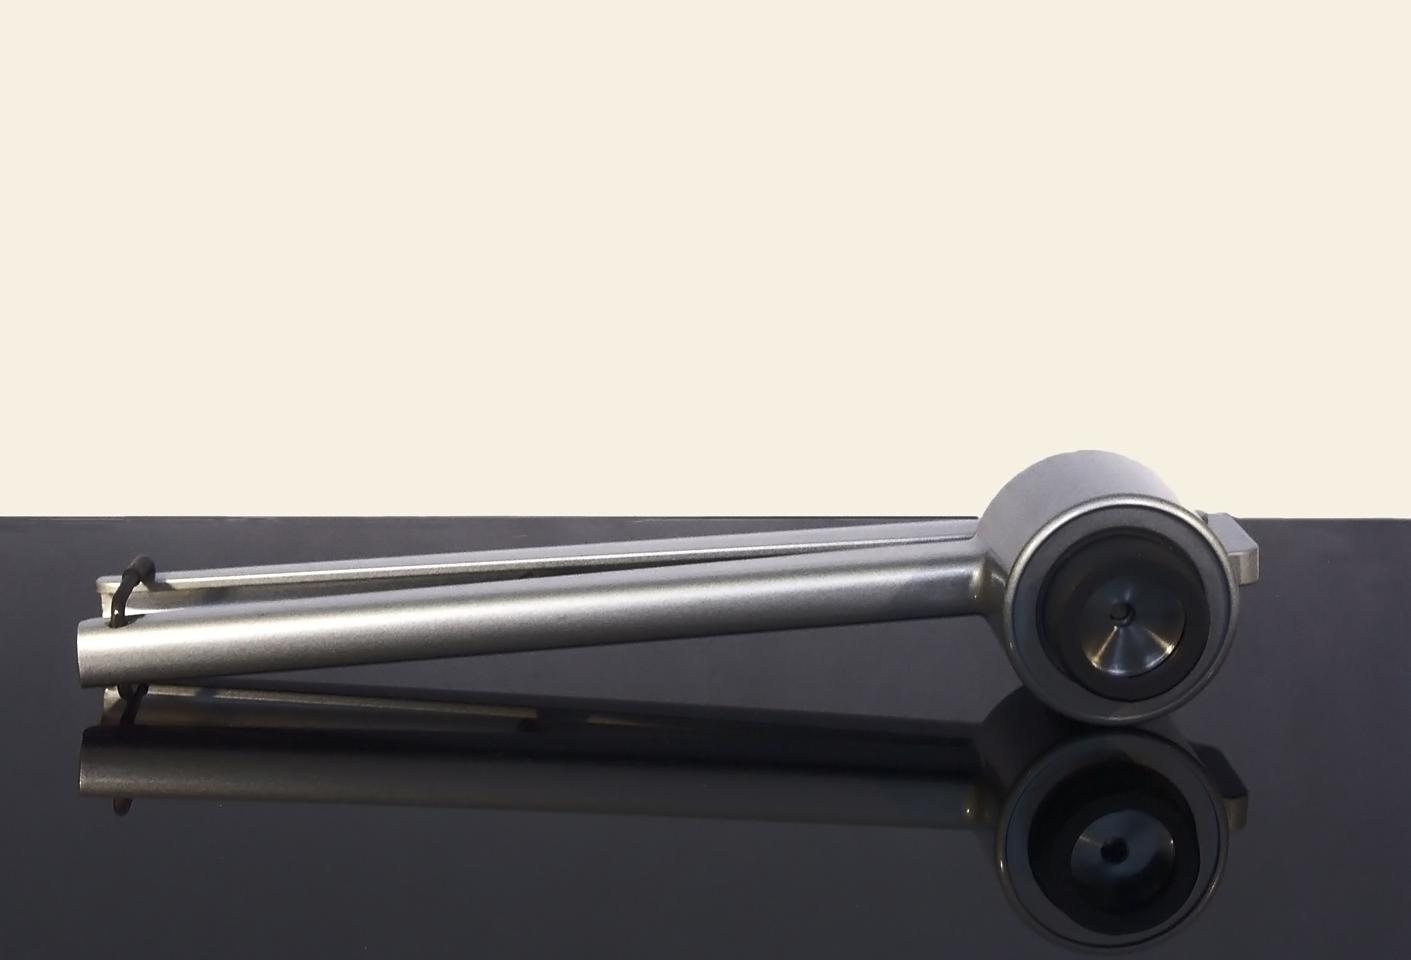 Kleště pro otevírání lékovek průměr 8 mm KO 8